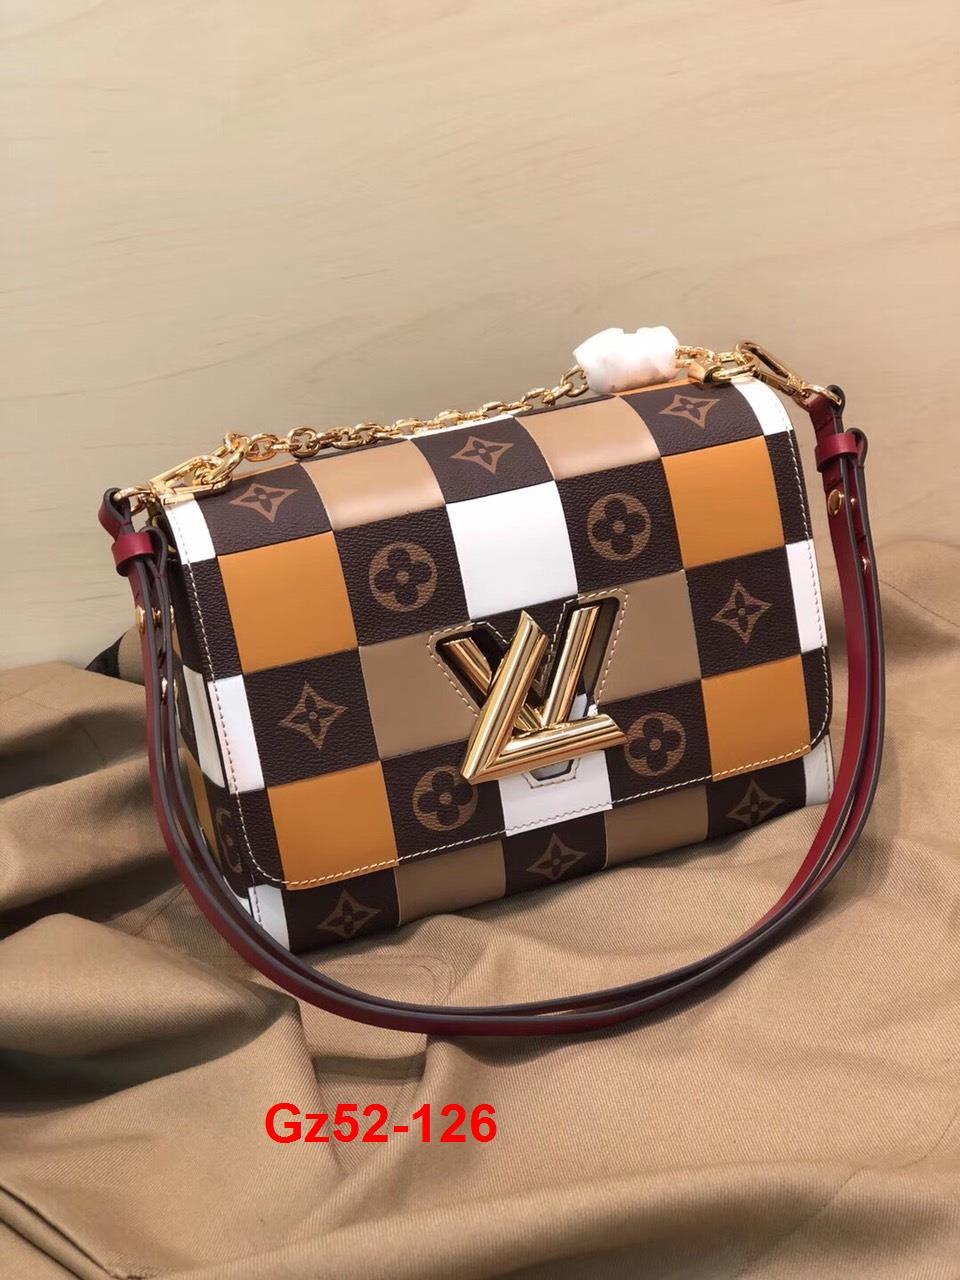 Gz52-126 Louis Vuitton túi size 23cm siêu cấp